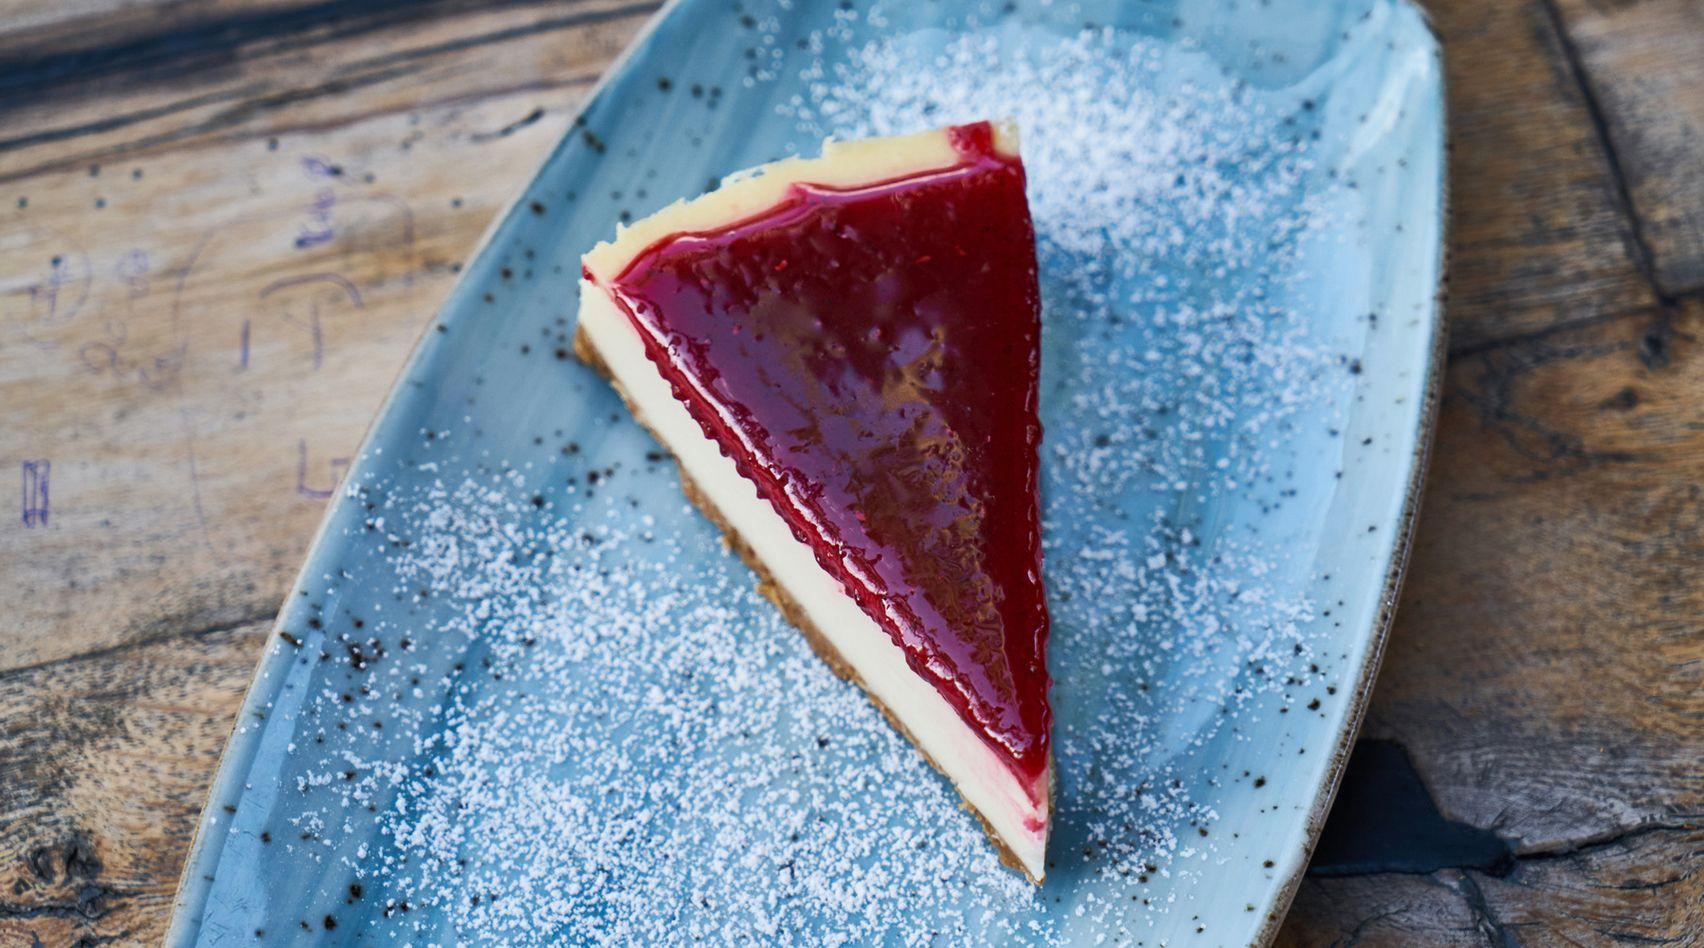 Schnelles Rezept Ohne Backen Himbeer Pudding Kuchen Freundin De In 2020 Einfache Rezepte Backen Pudding Kuchen Backen